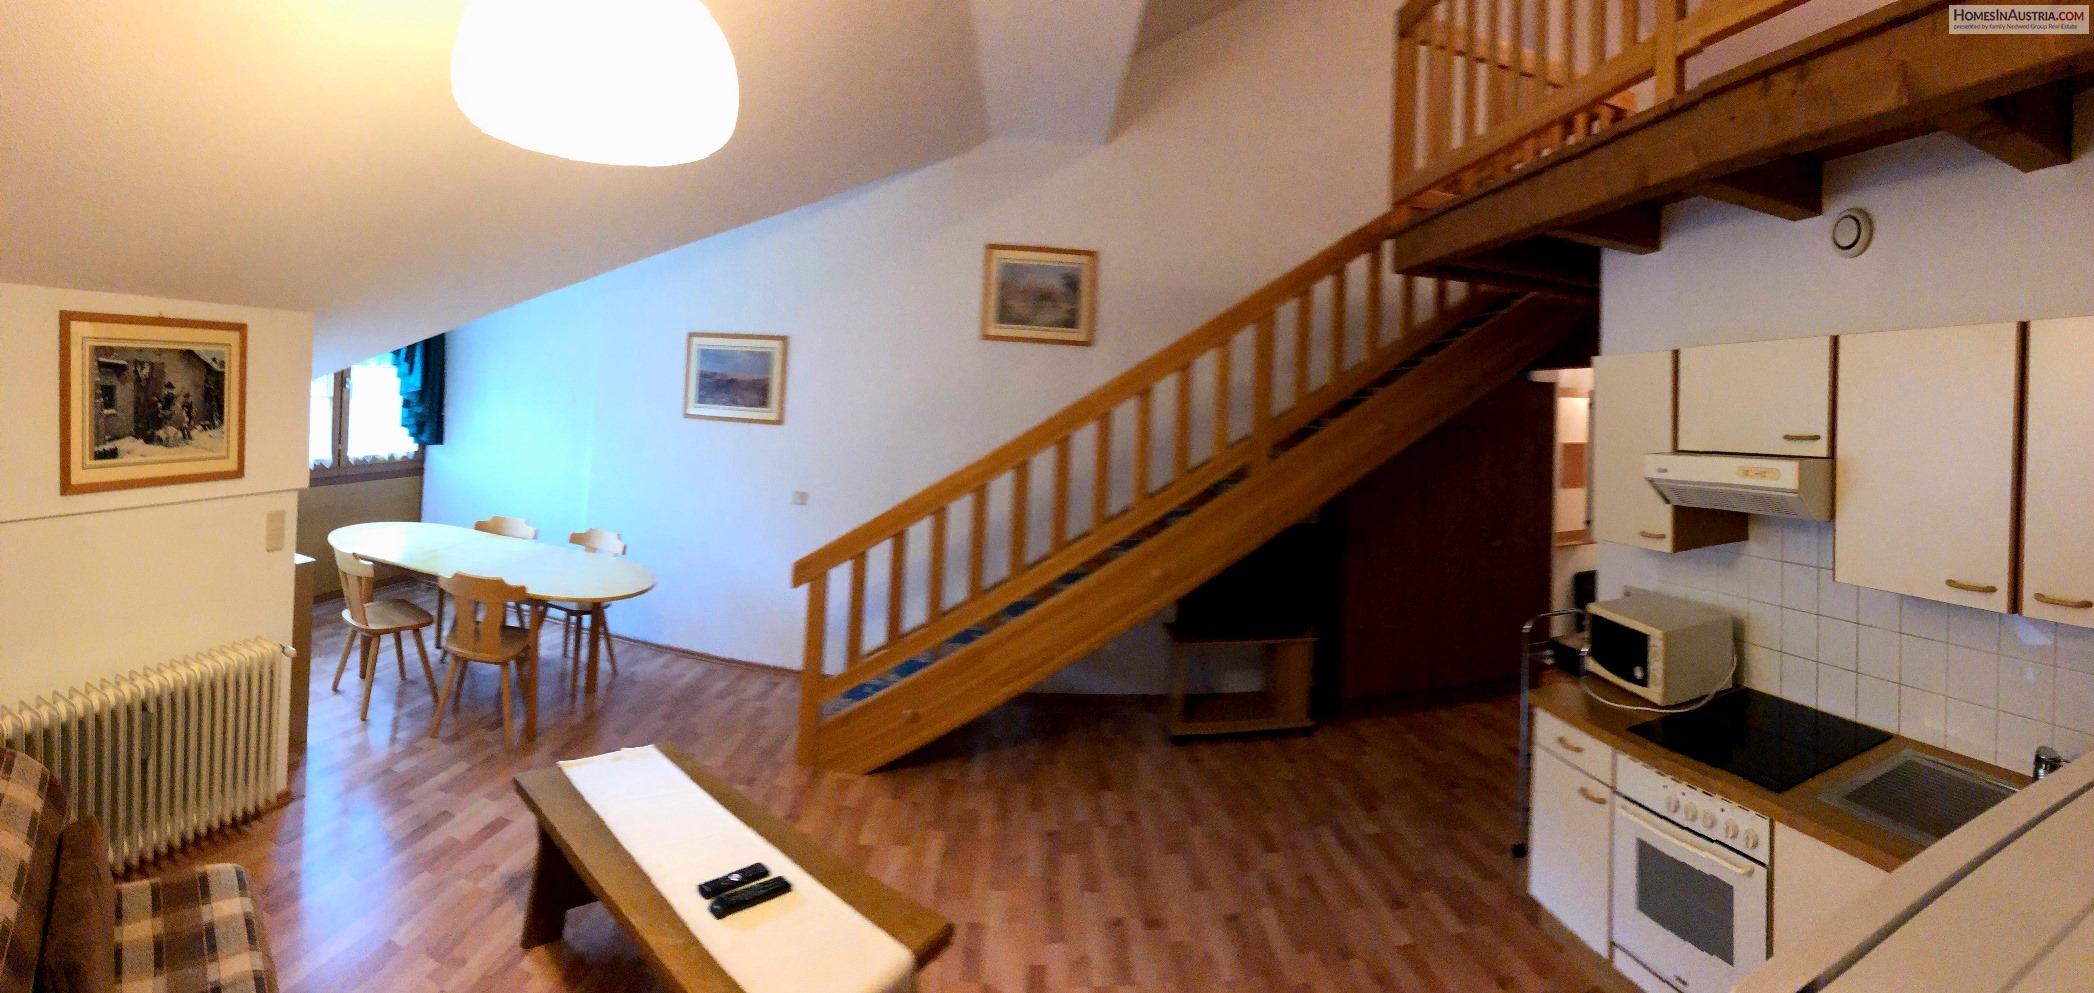 Bad Kleinkirchheim, Carinthia, Mansard (CENTRAL) with 2 bedrooms, Garage